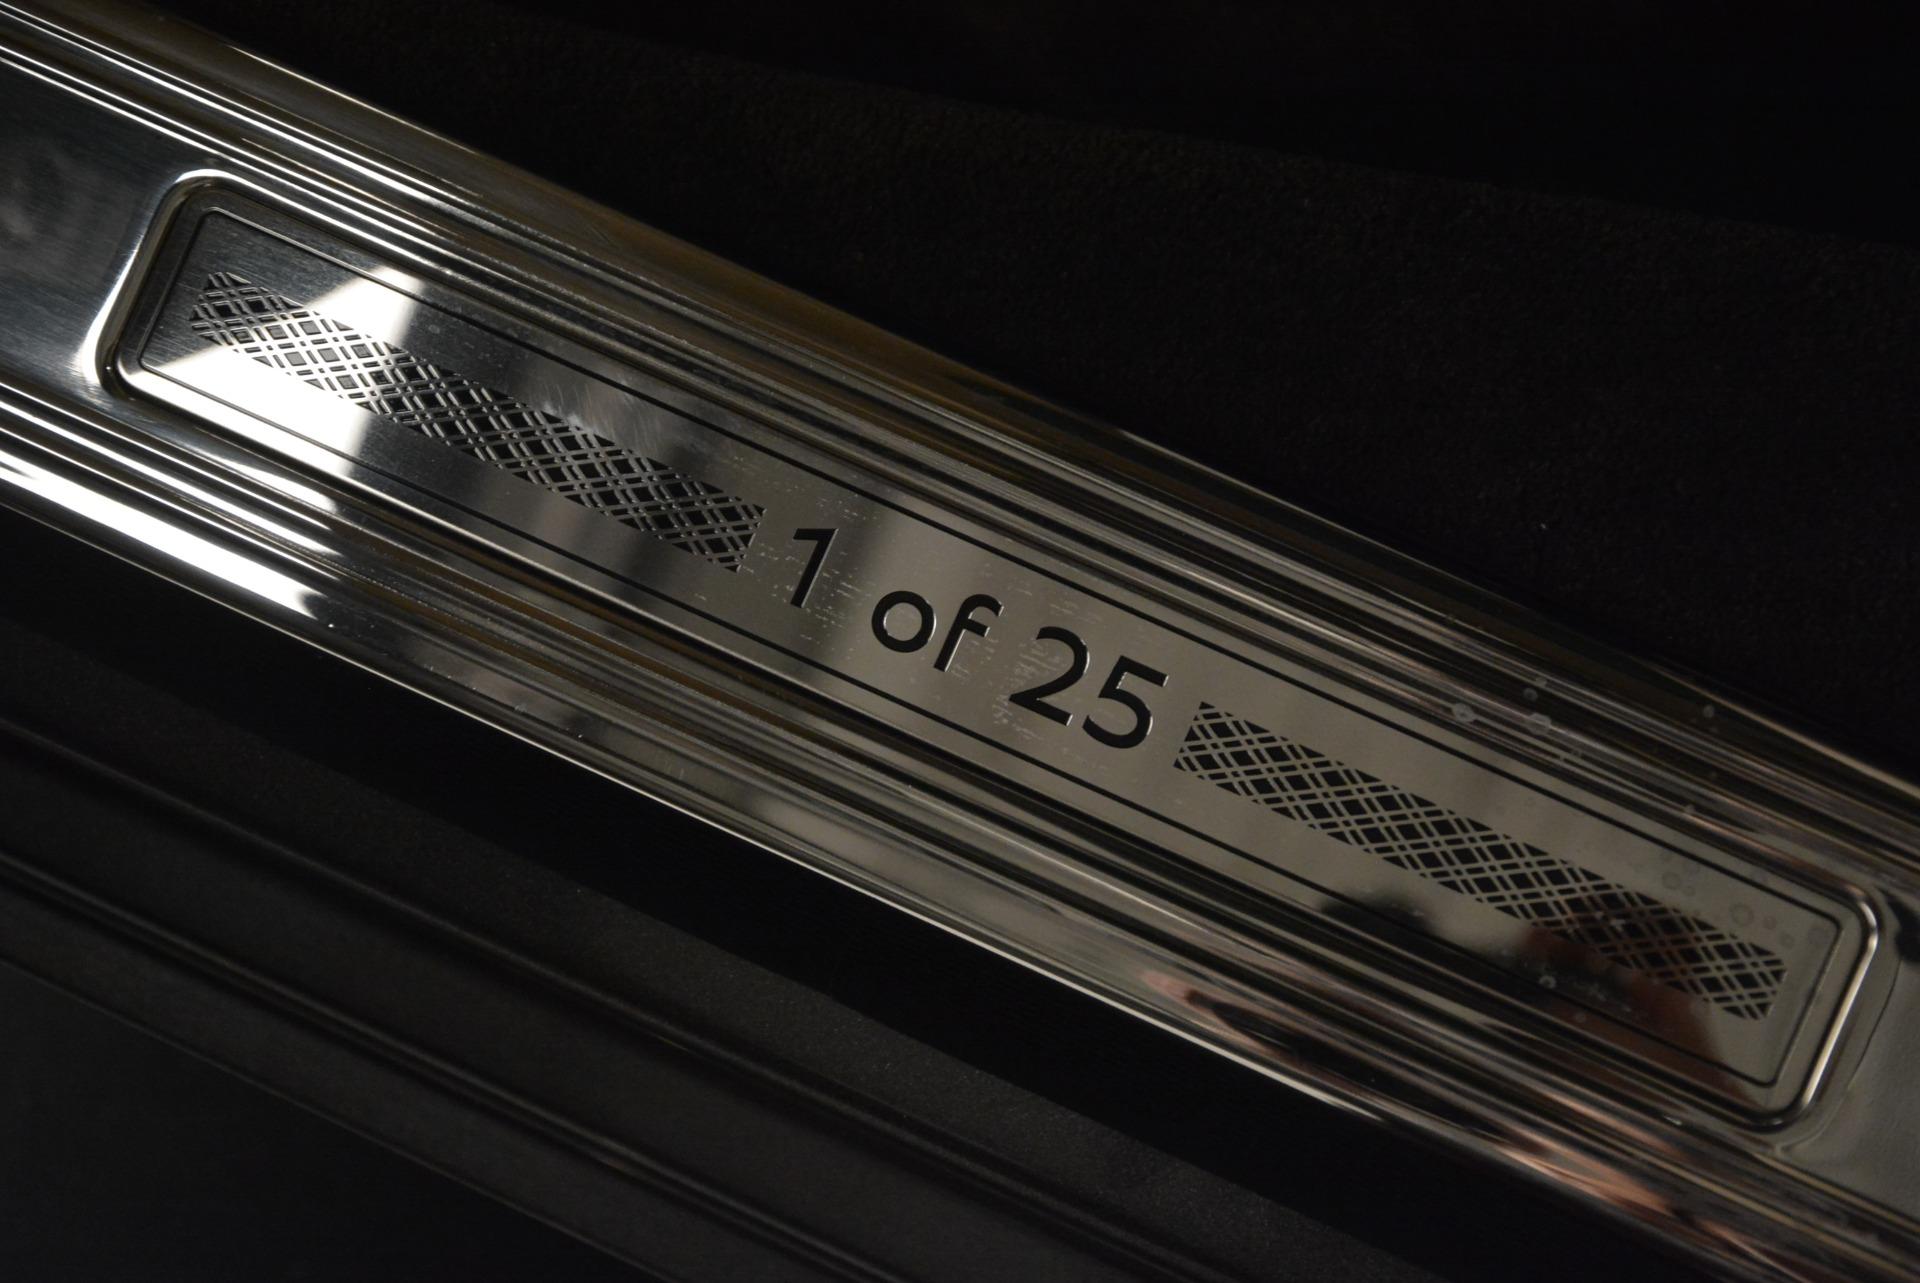 Used 2017 Bentley Mulsanne EWB For Sale In Westport, CT 1554_p10